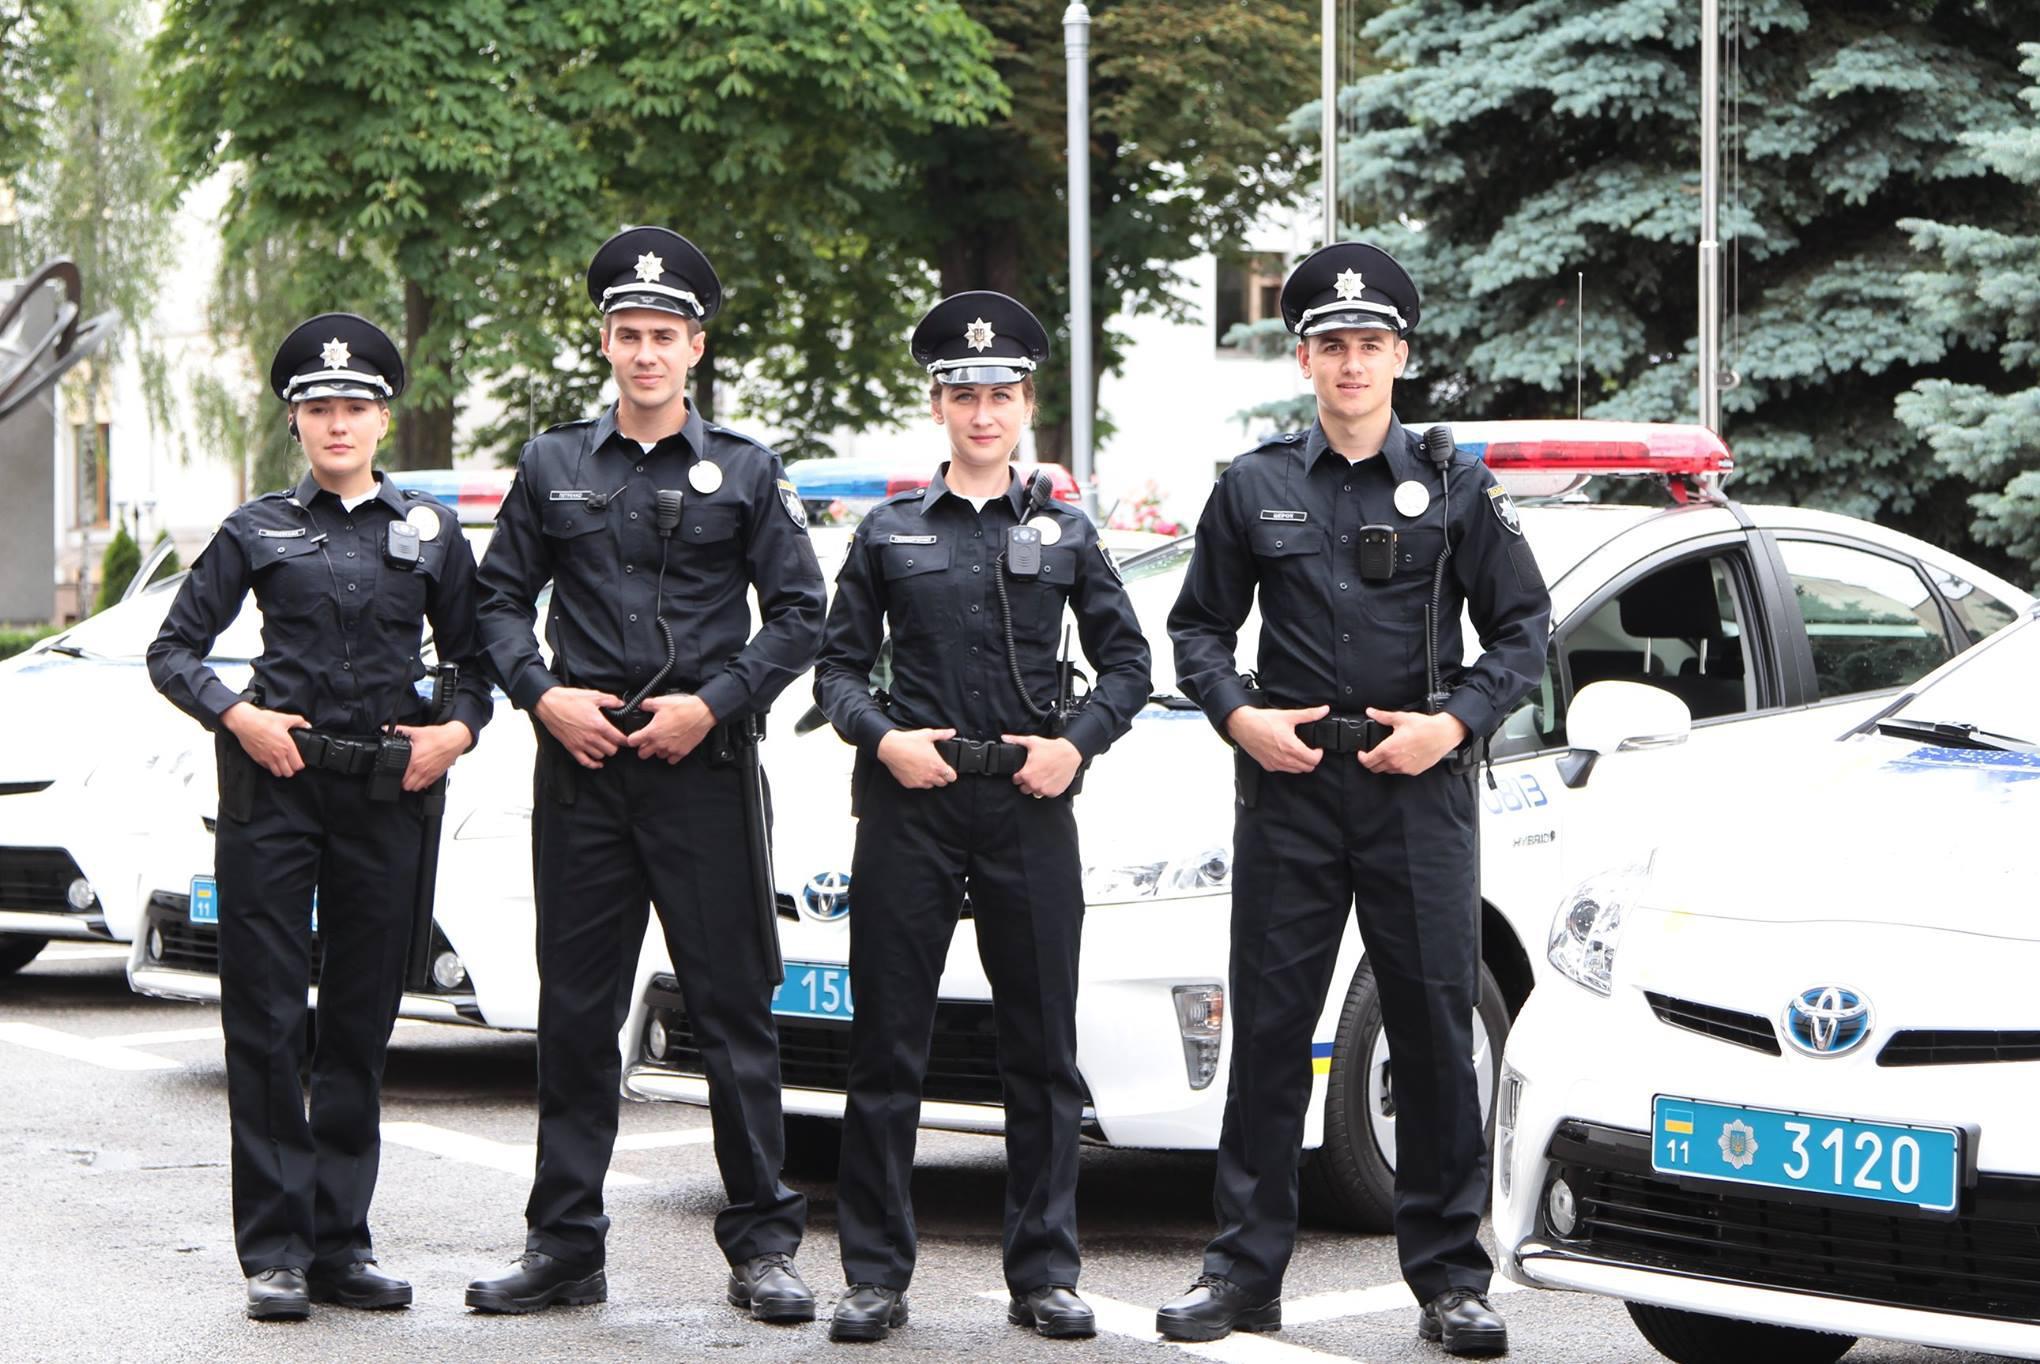 Картинки по запиту Національної поліції України